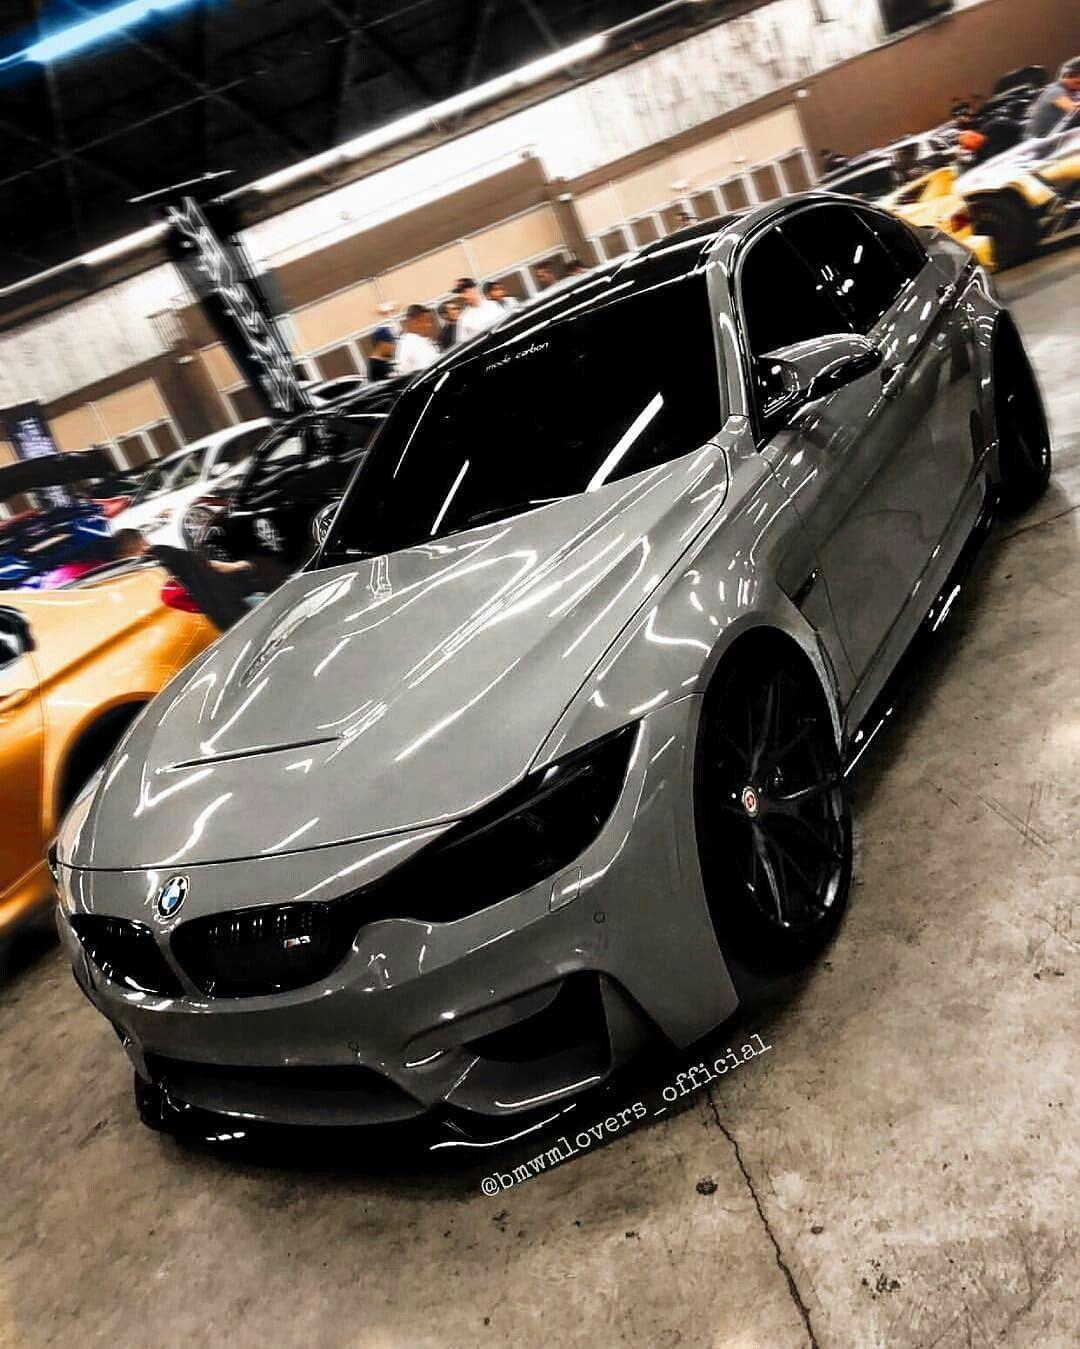 BMW BMW_like BMW BMWlike luxury cars luxurycars